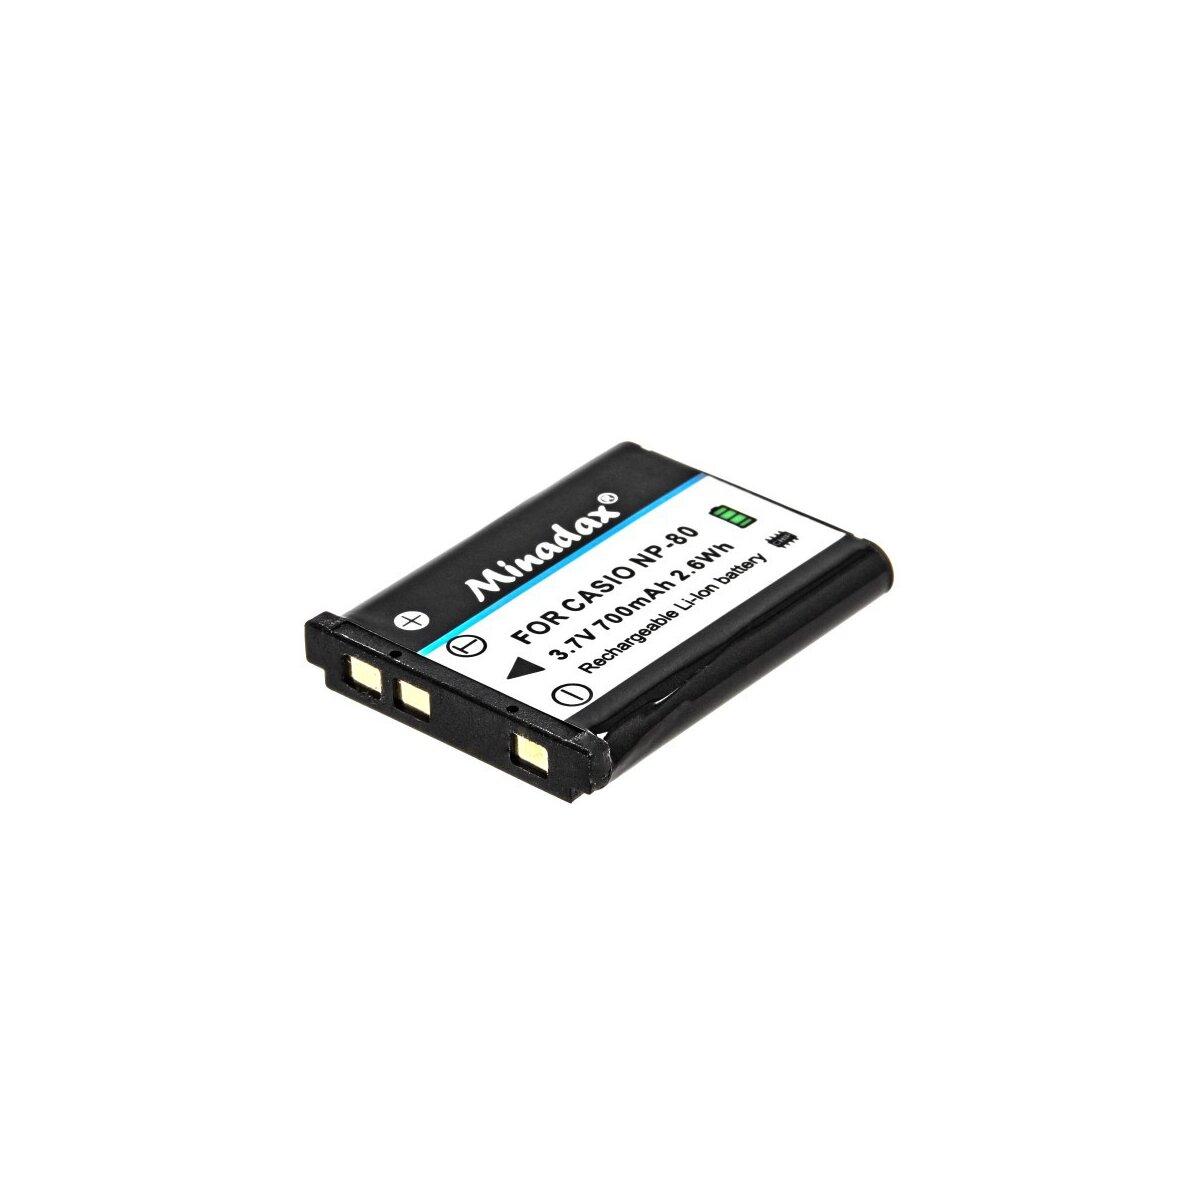 Minadax® Qualitaetsakku mit echten 700 mAh fuer Casio EX-Z1 / EX-Z2 / EX-Z270 / EX-Z280, wie NP-80 - Intelligentes Akkusystem mit Chip